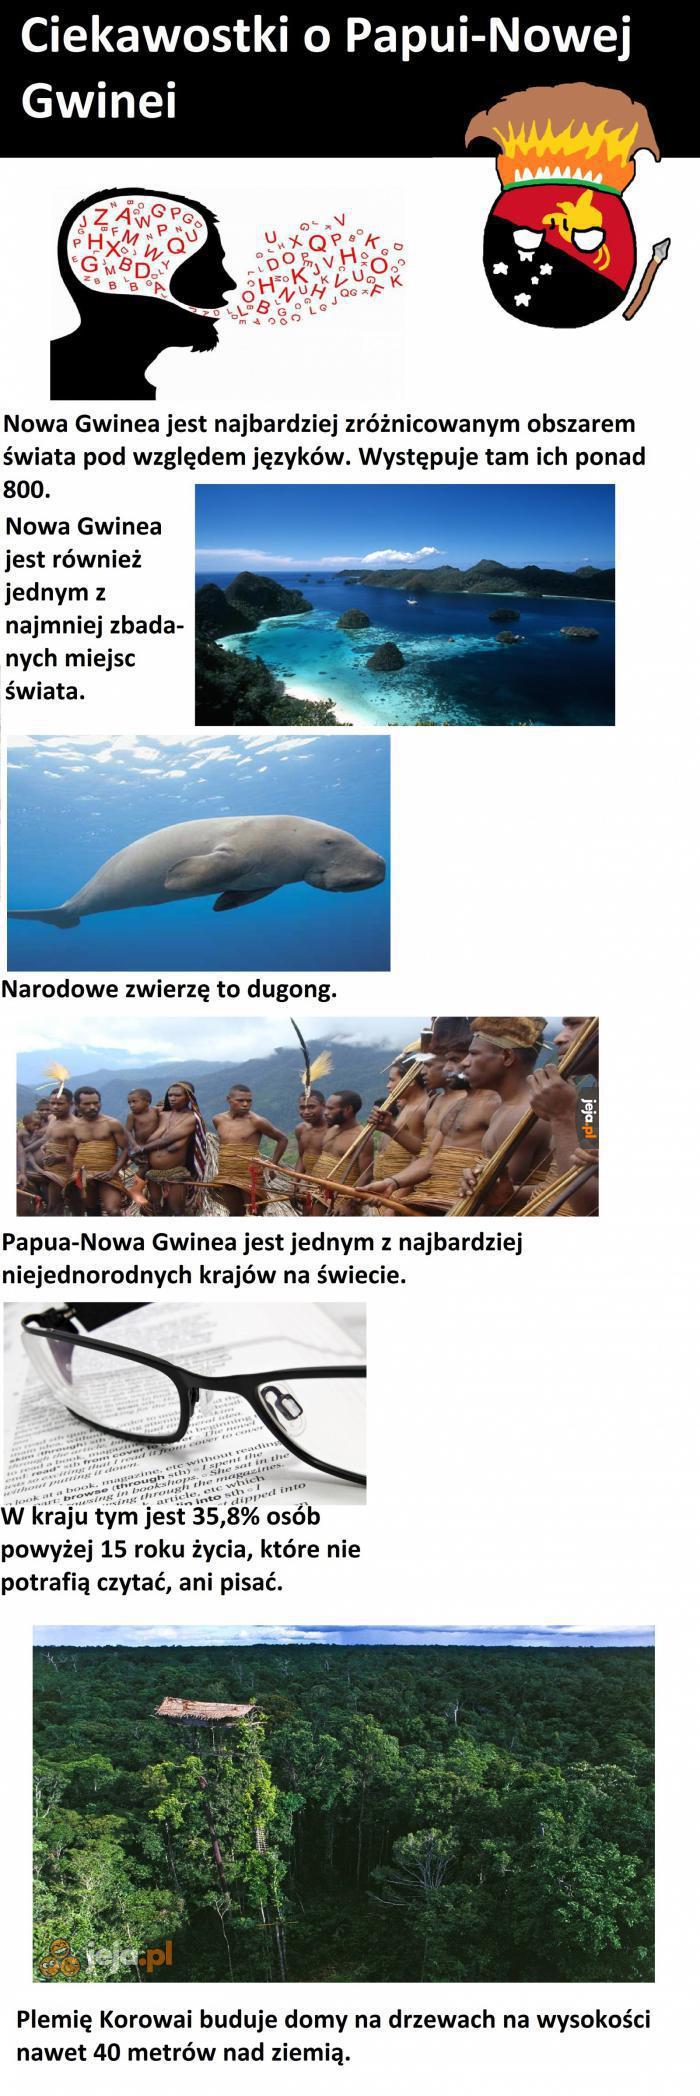 Ciekawostki o Papui-Nowej Gwinei